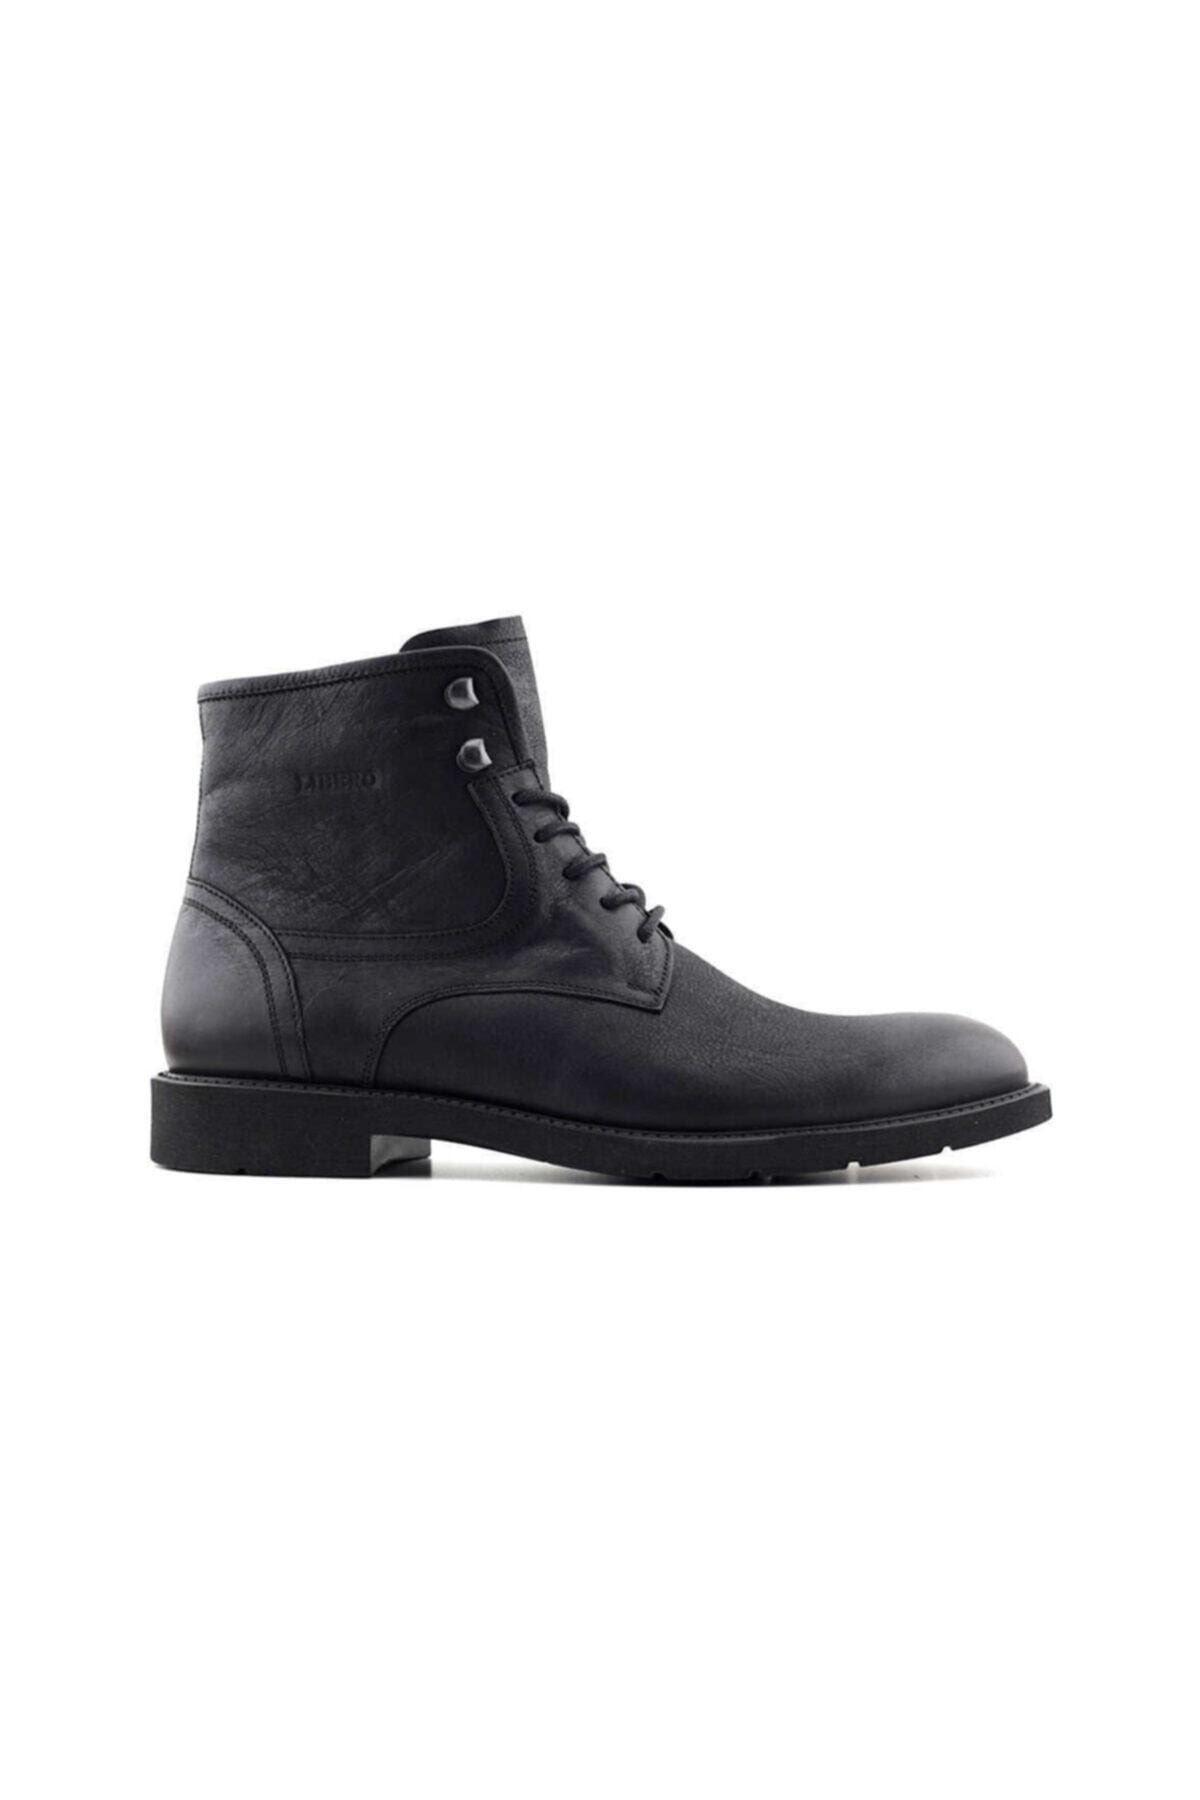 Libero L1315 Black Men's Boots